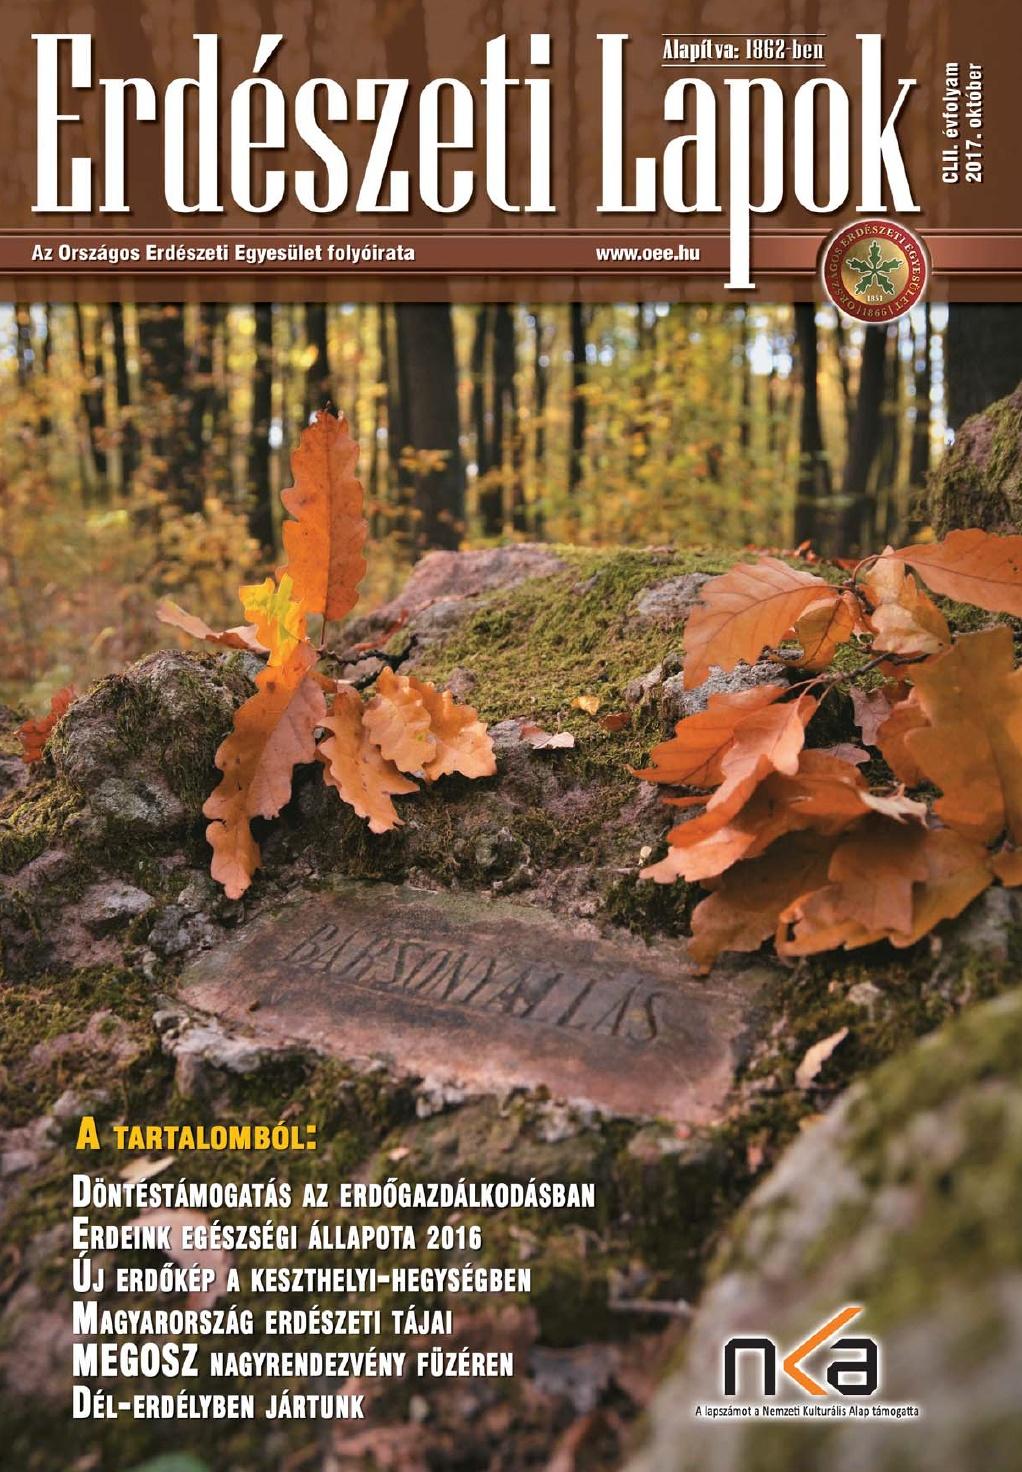 Erdészeti Lapok - 152. évfolyam - 2017. október